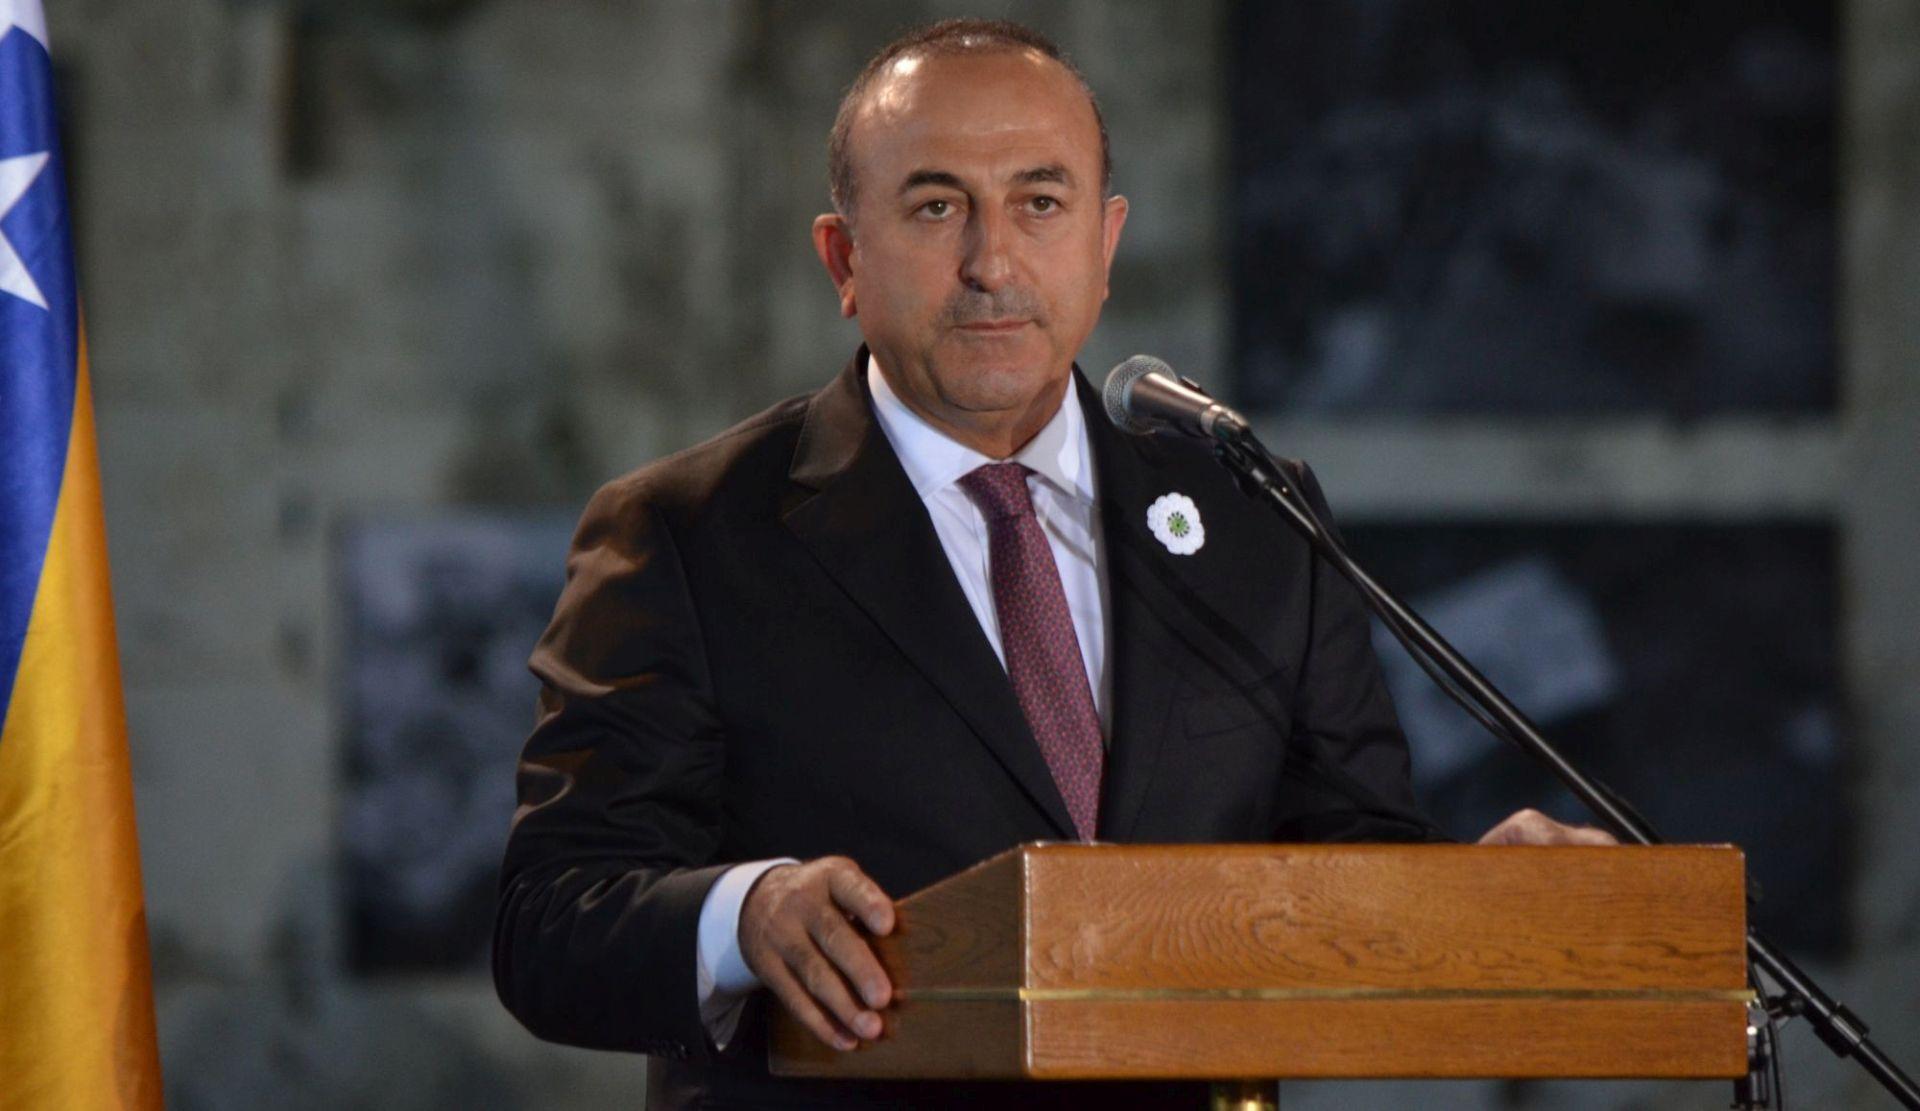 DIPLOMATSKI SPOR: Turska pozvala svojeg veleposlanika u Austriji na konzultacije